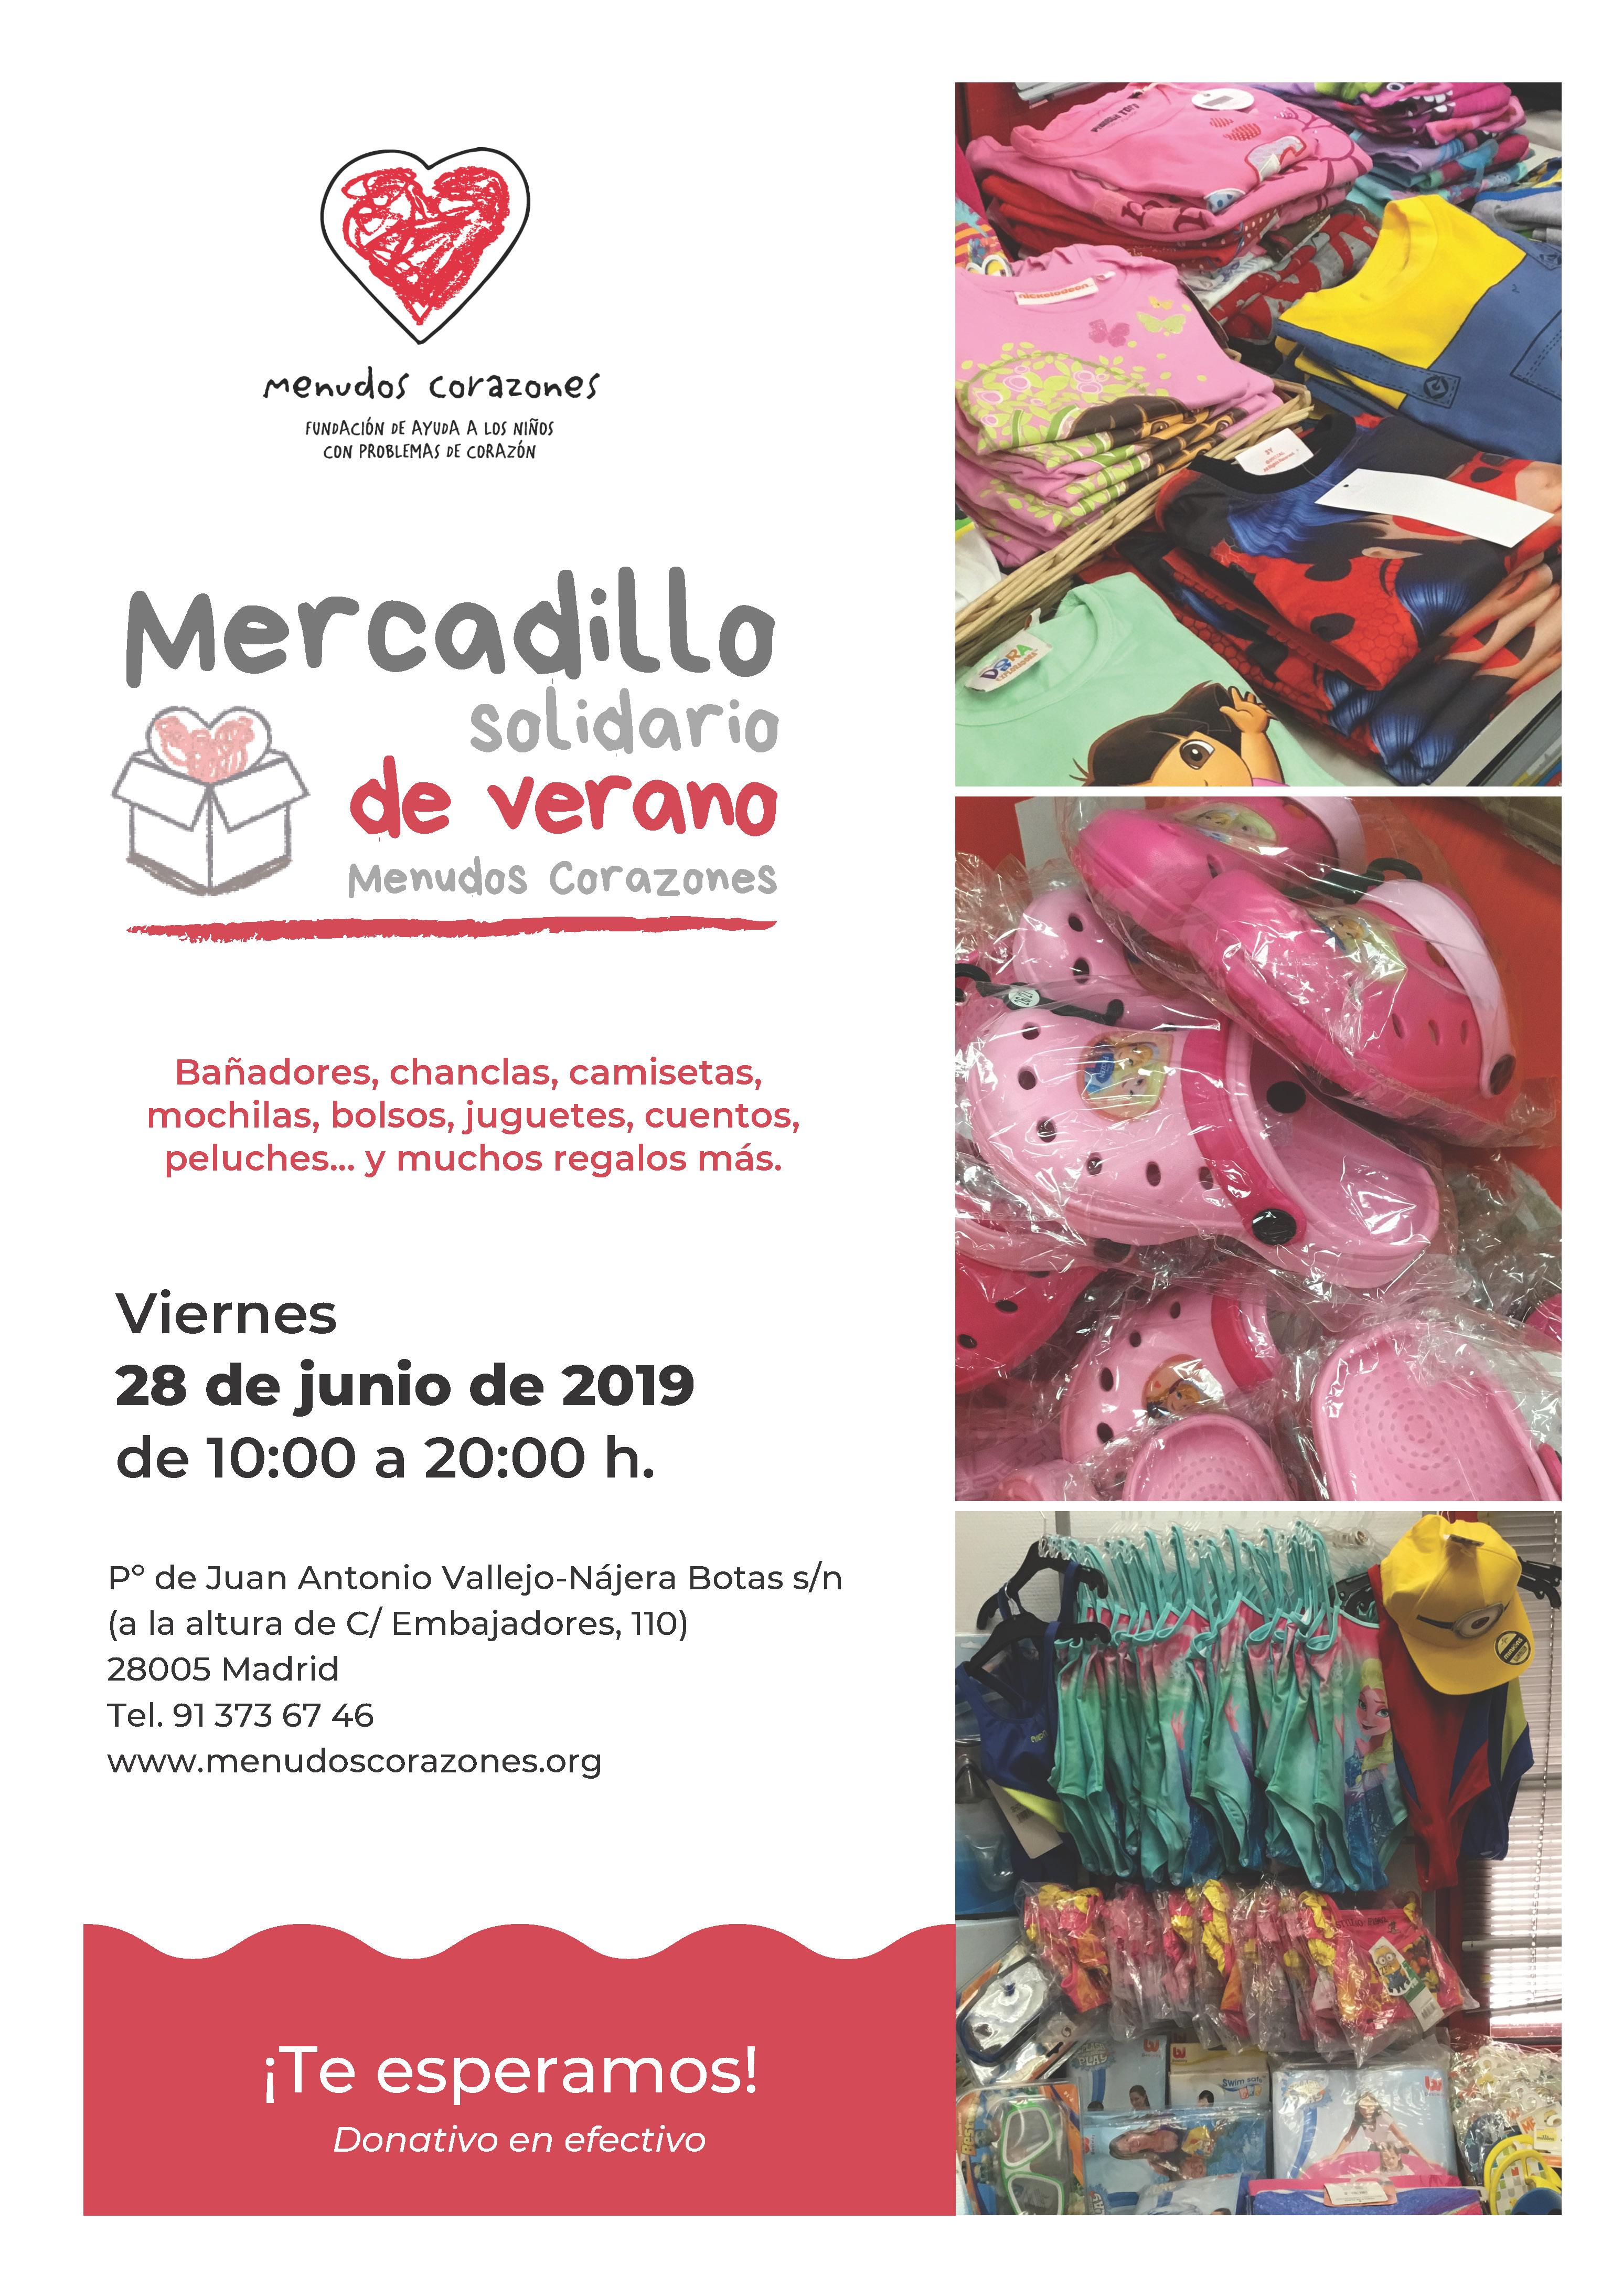 Cartel Mercadillo Solidario de Verano de Menudos Corazones